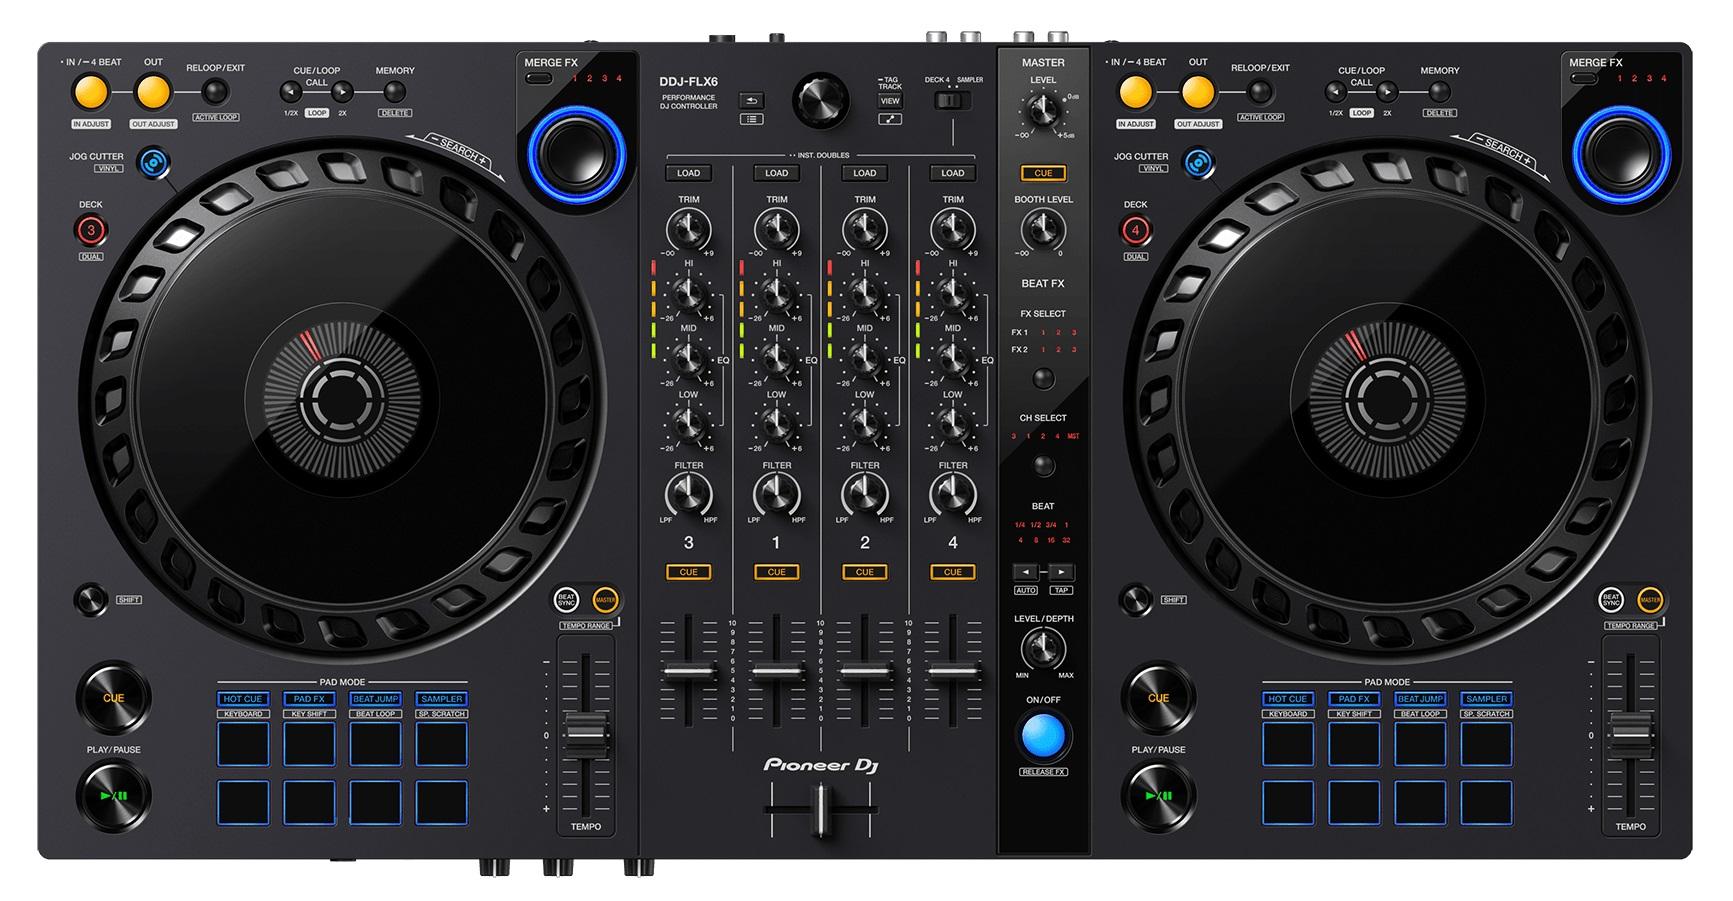 pioneer-dj-ddj-flx6.jpeg